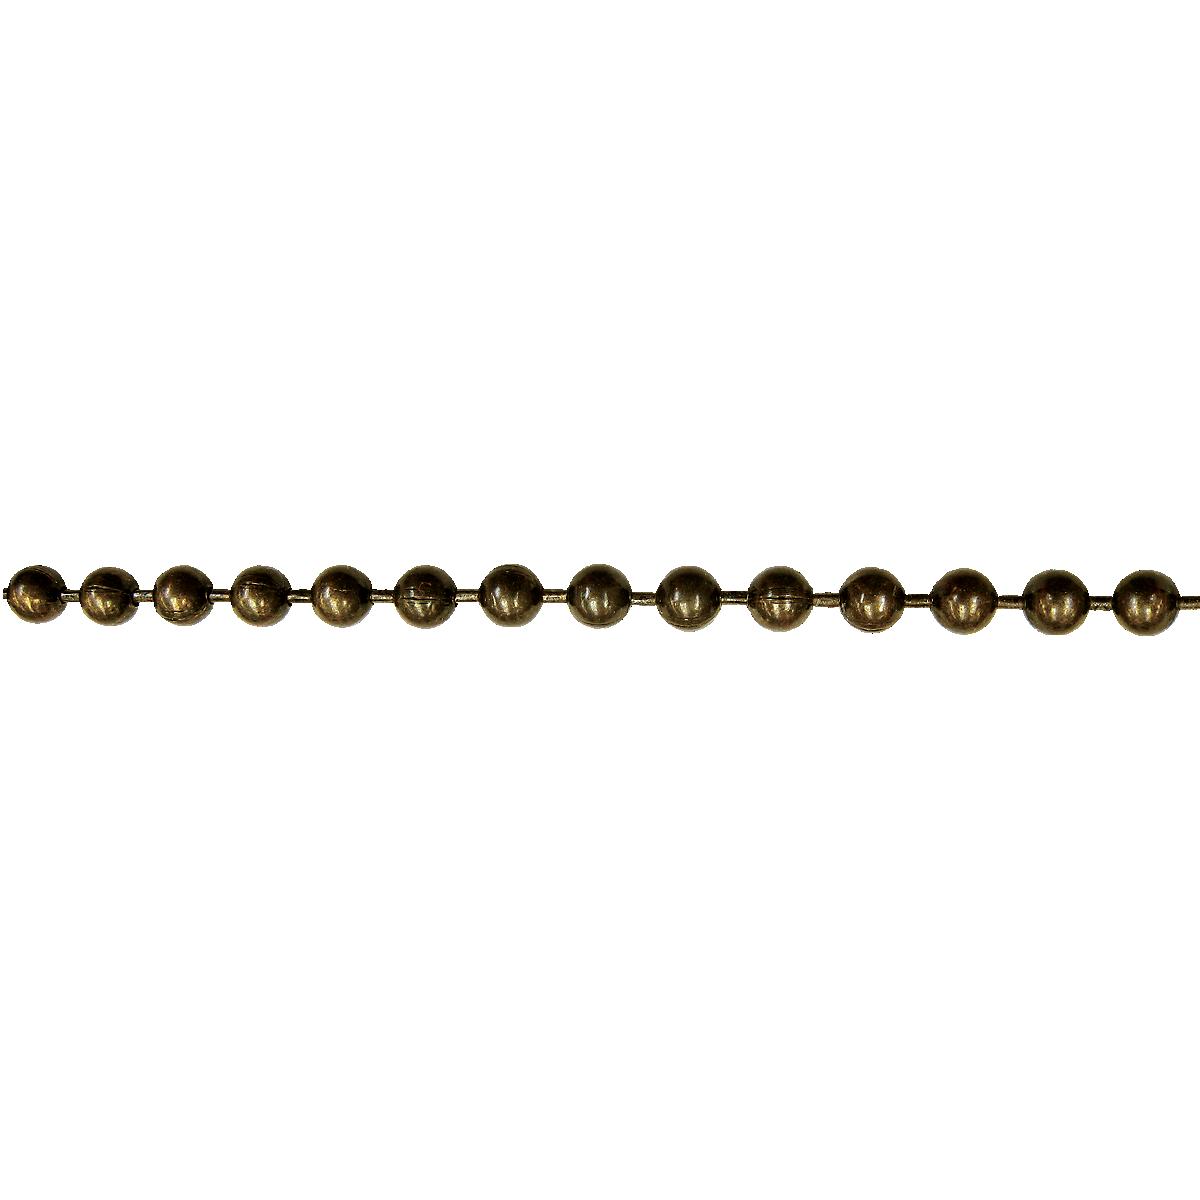 3' Drop, Antique Brass